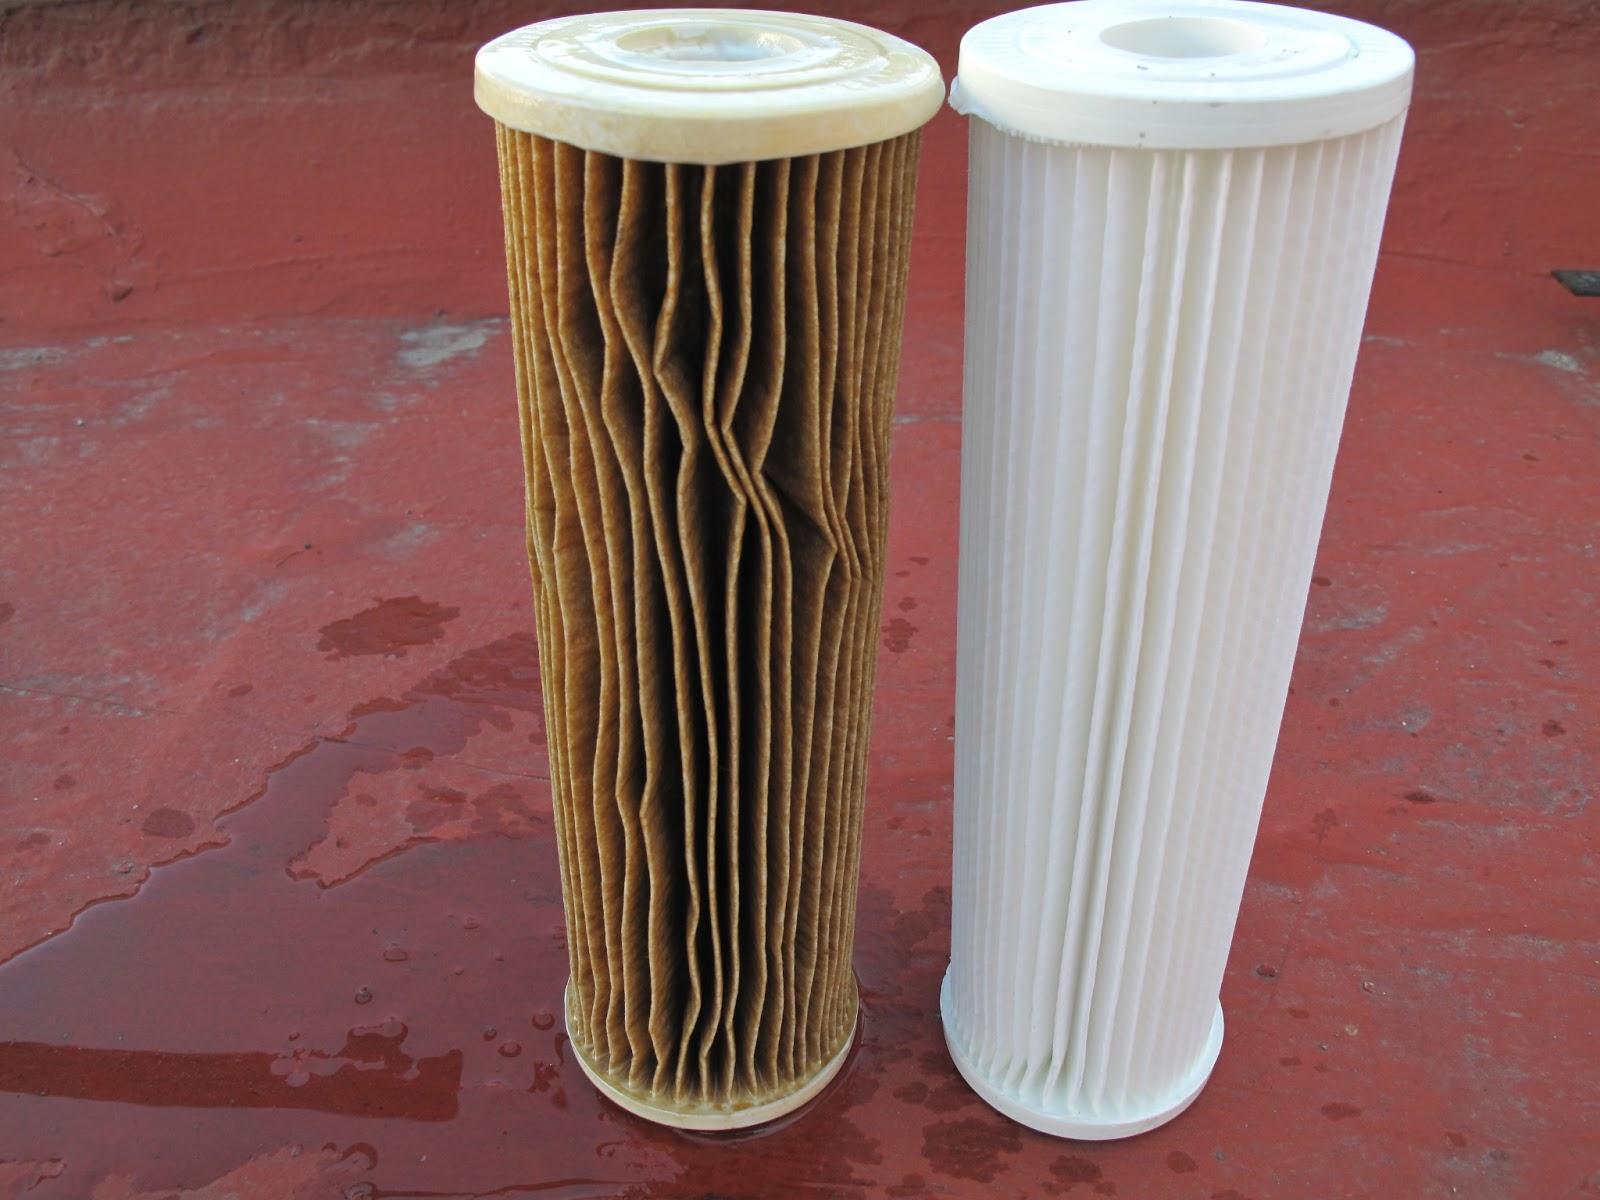 Filtros de agua potable para tu casa temas de inter s for Filtro agua casa